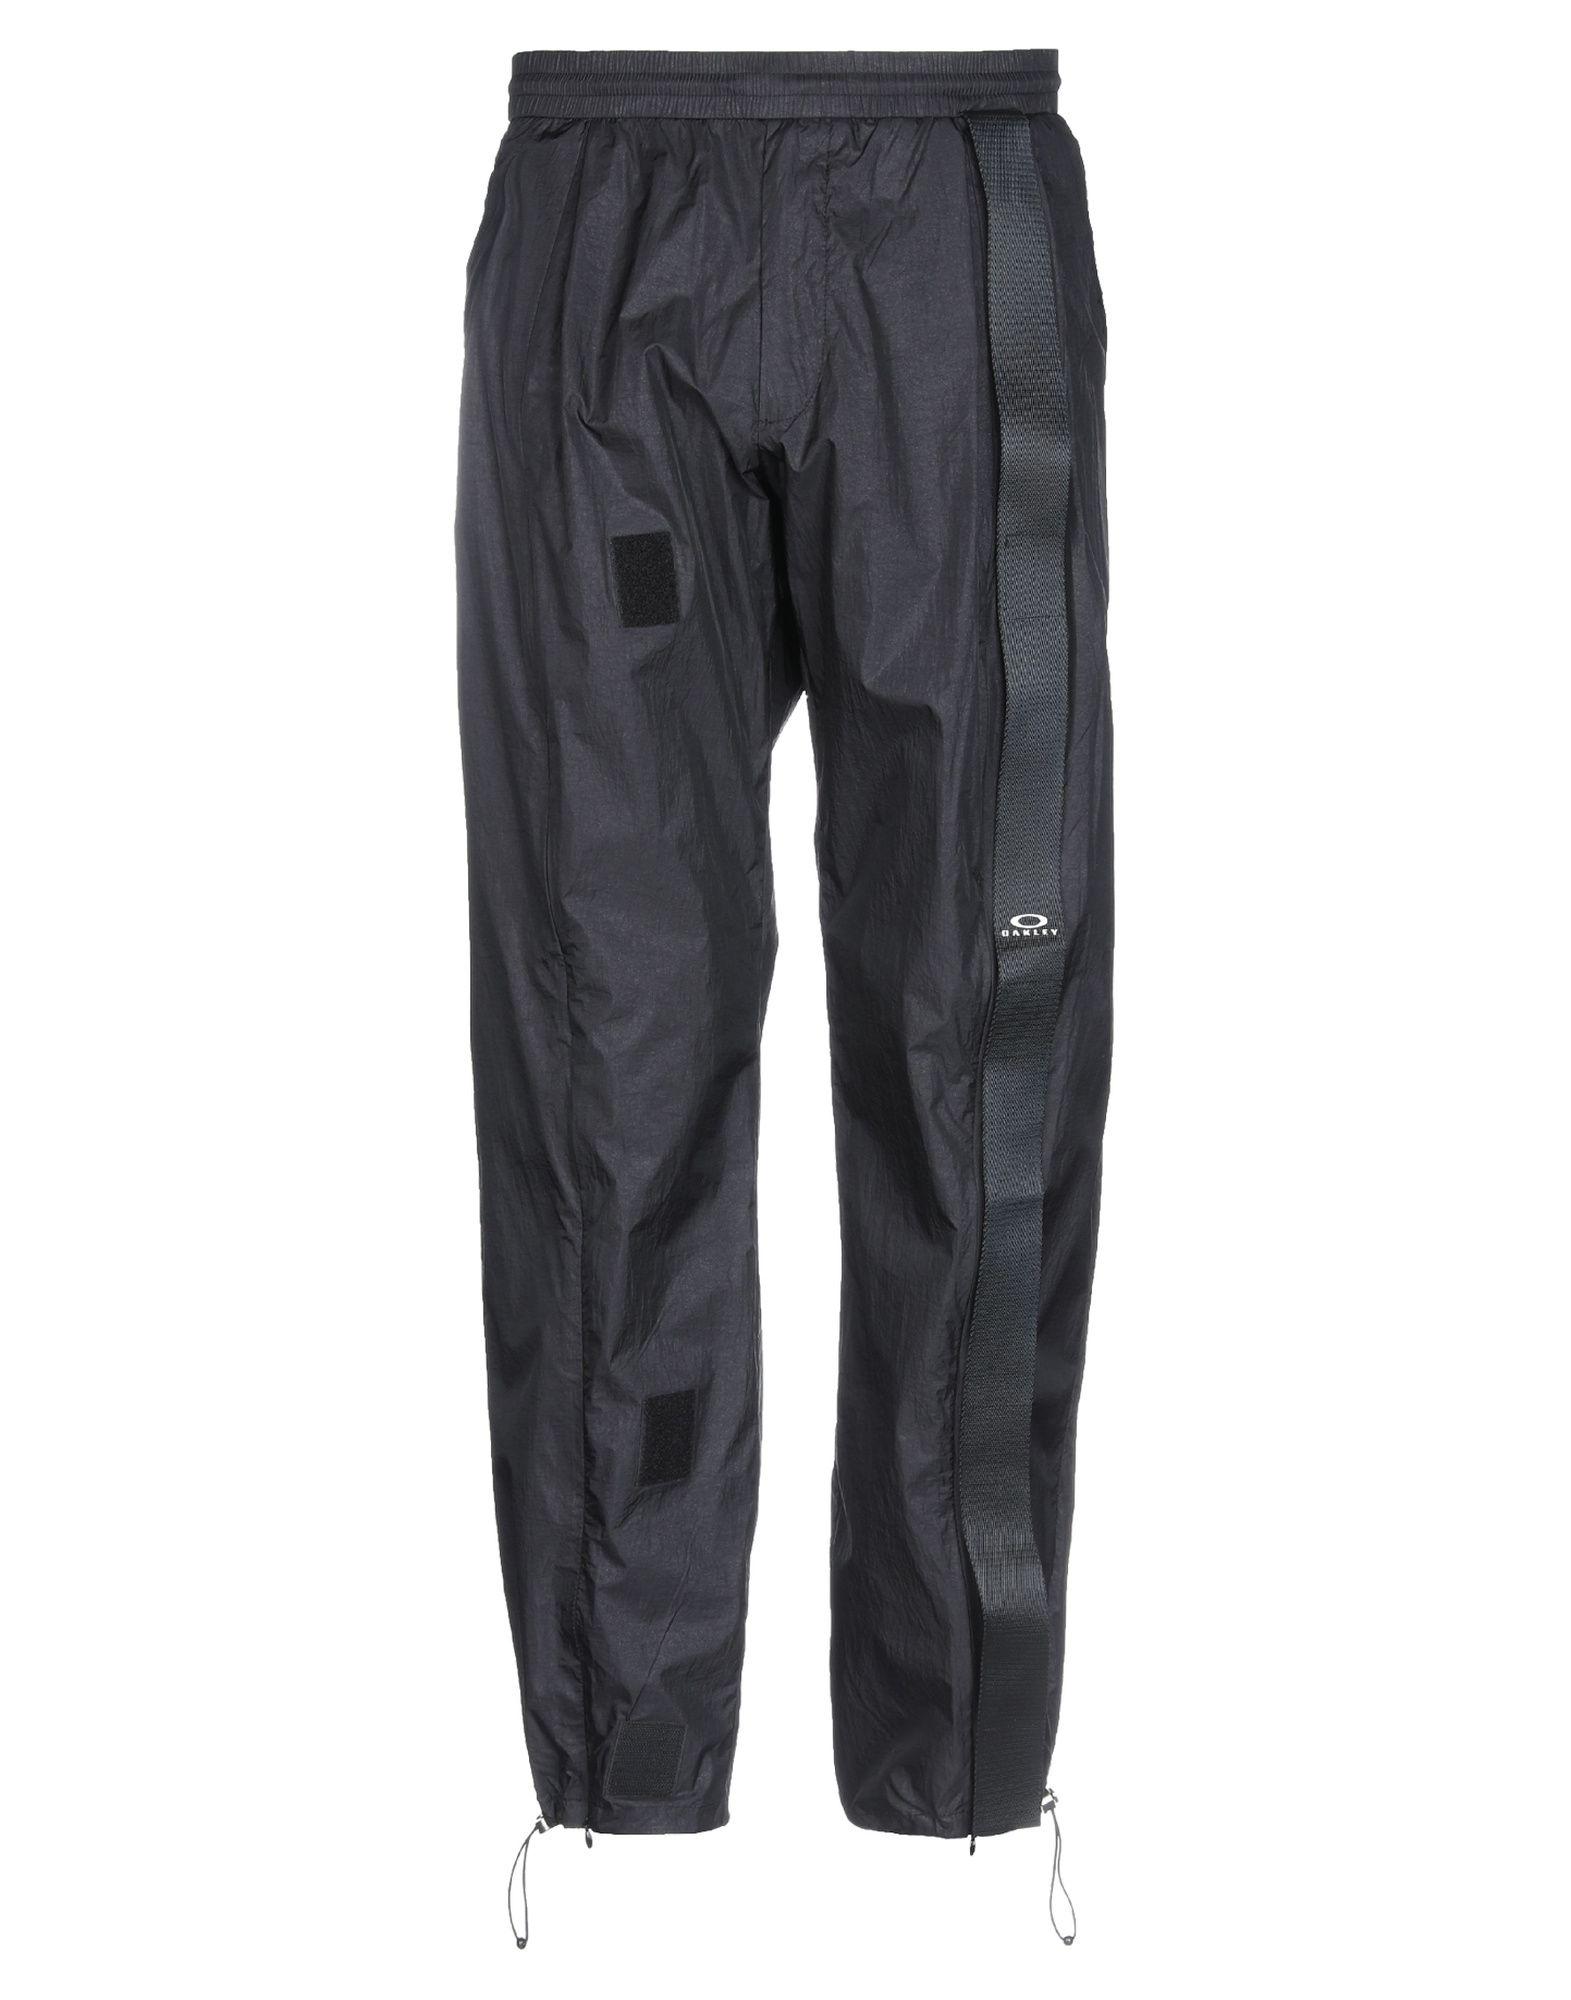 《期間限定セール中》OAKLEY メンズ パンツ ブラック S ナイロン 100%